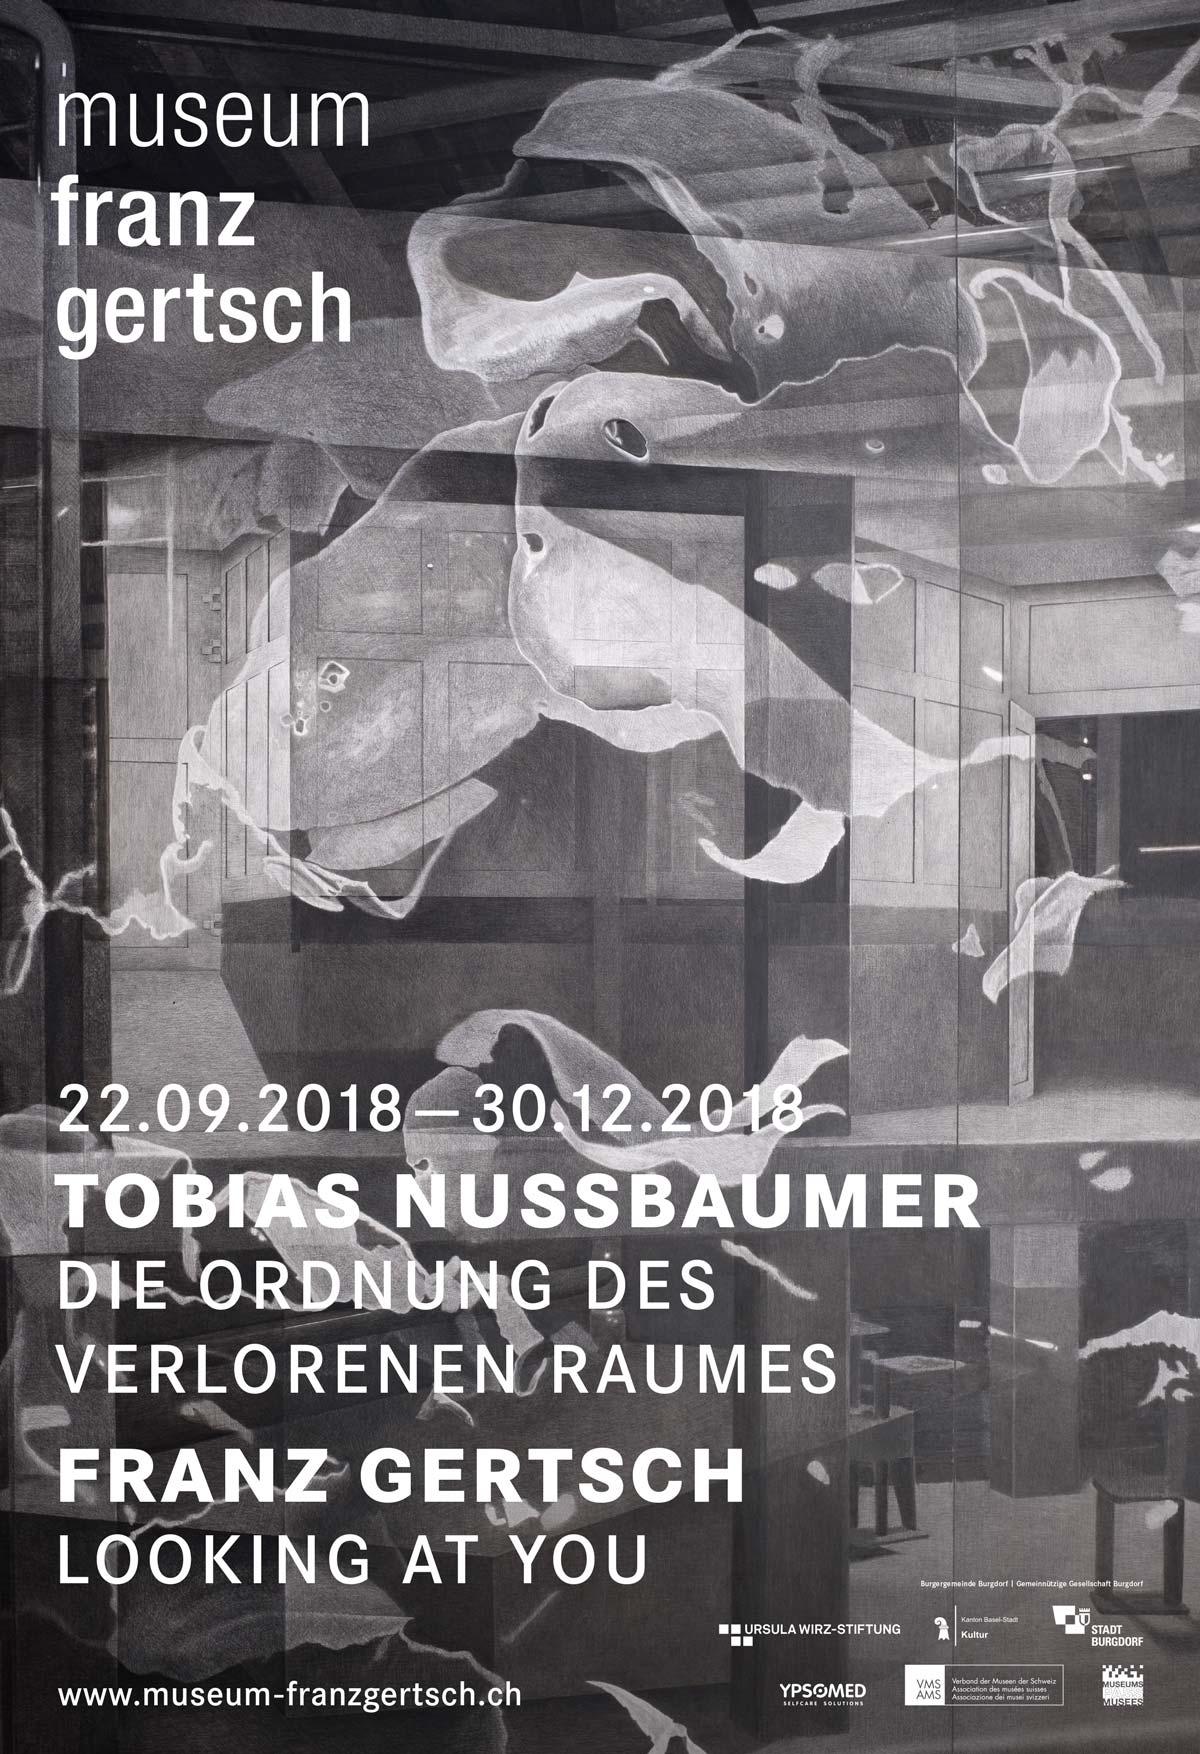 Vernissage Tobias Nussbaumer – Die Ordnung des verlorenen Raumes